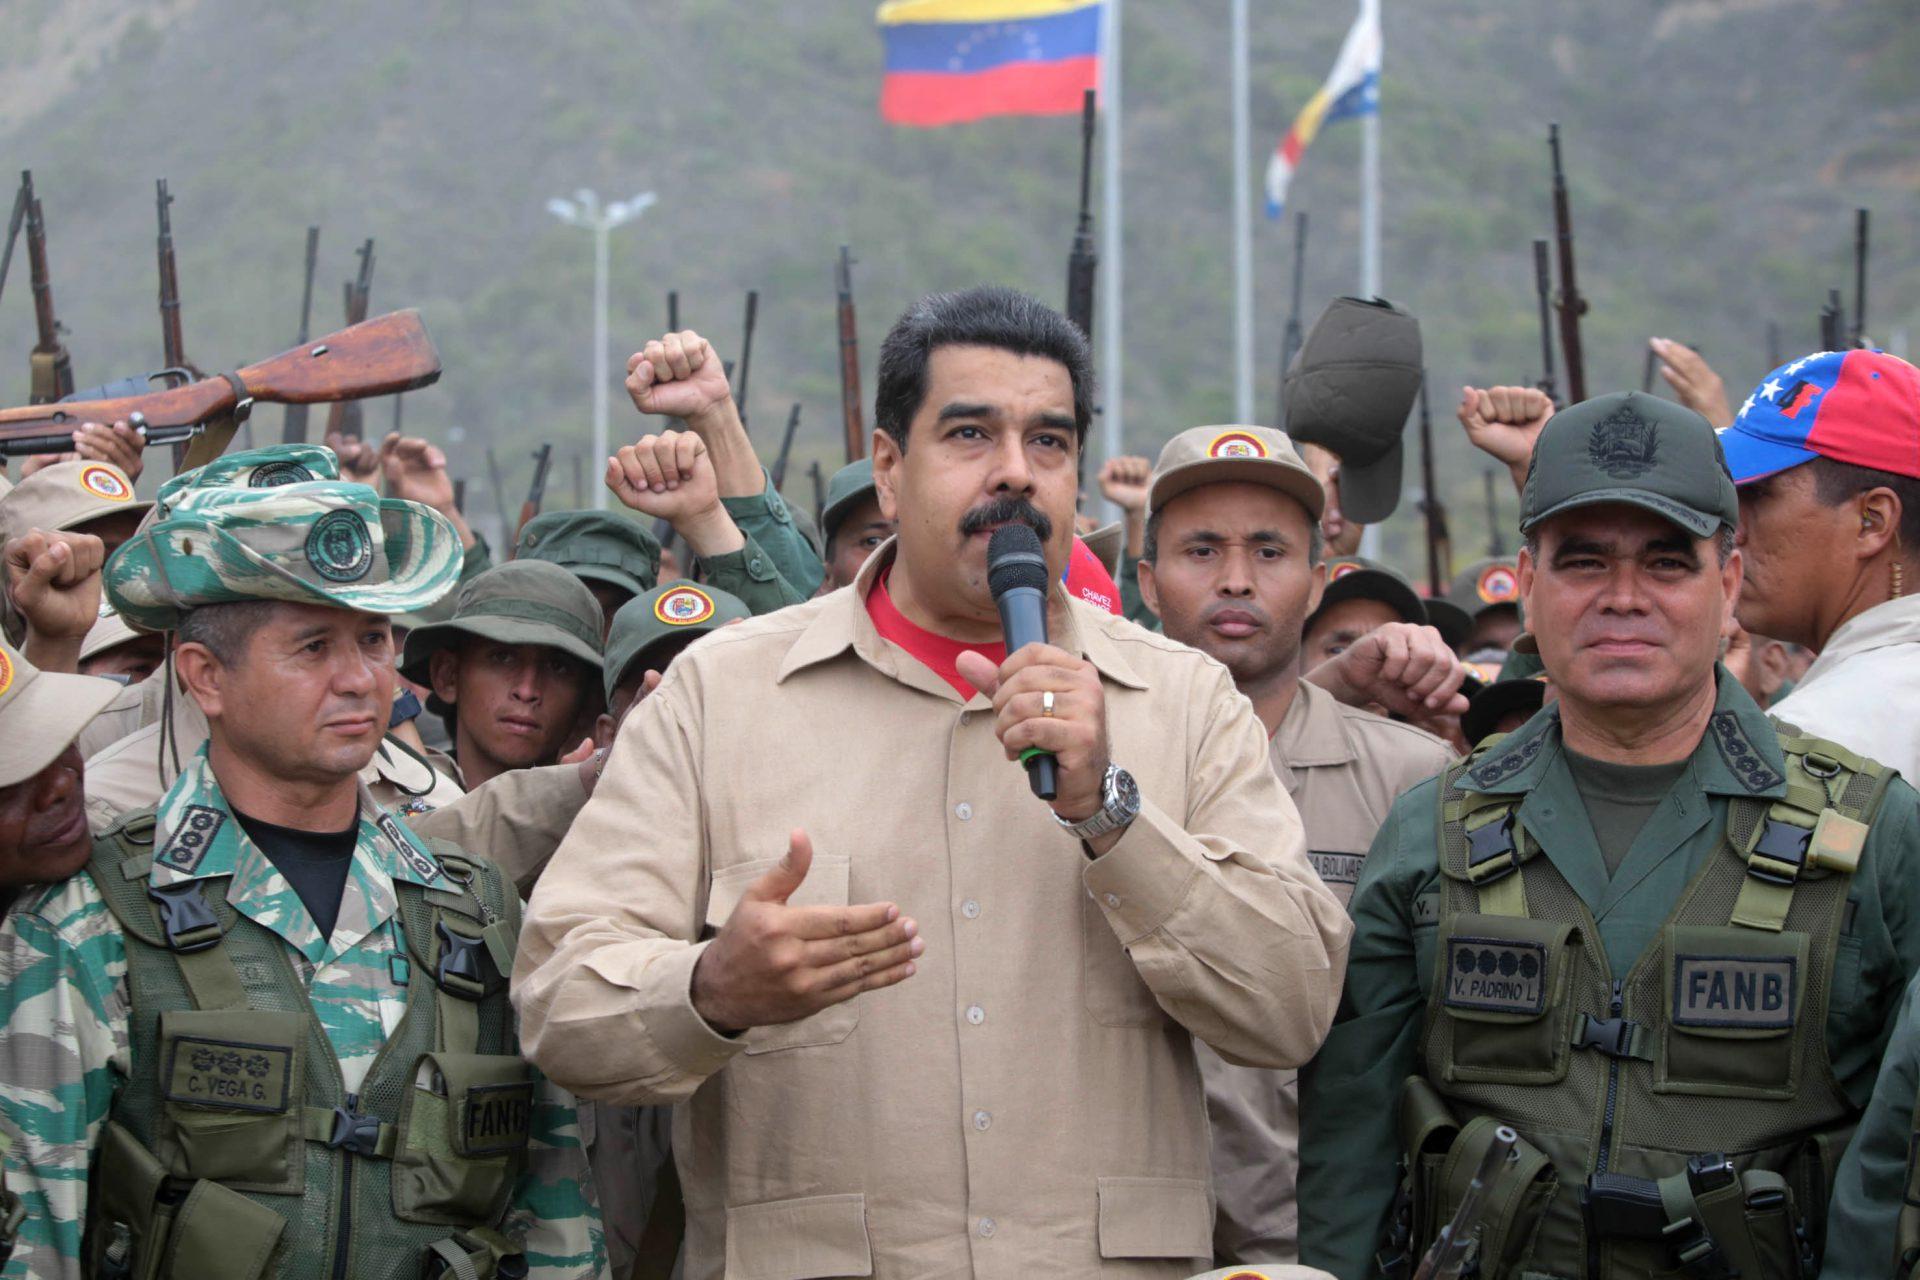 Венесуэла, Америка, экономика, Мадуро, происшествия, Россия, ЧВК Вагнера